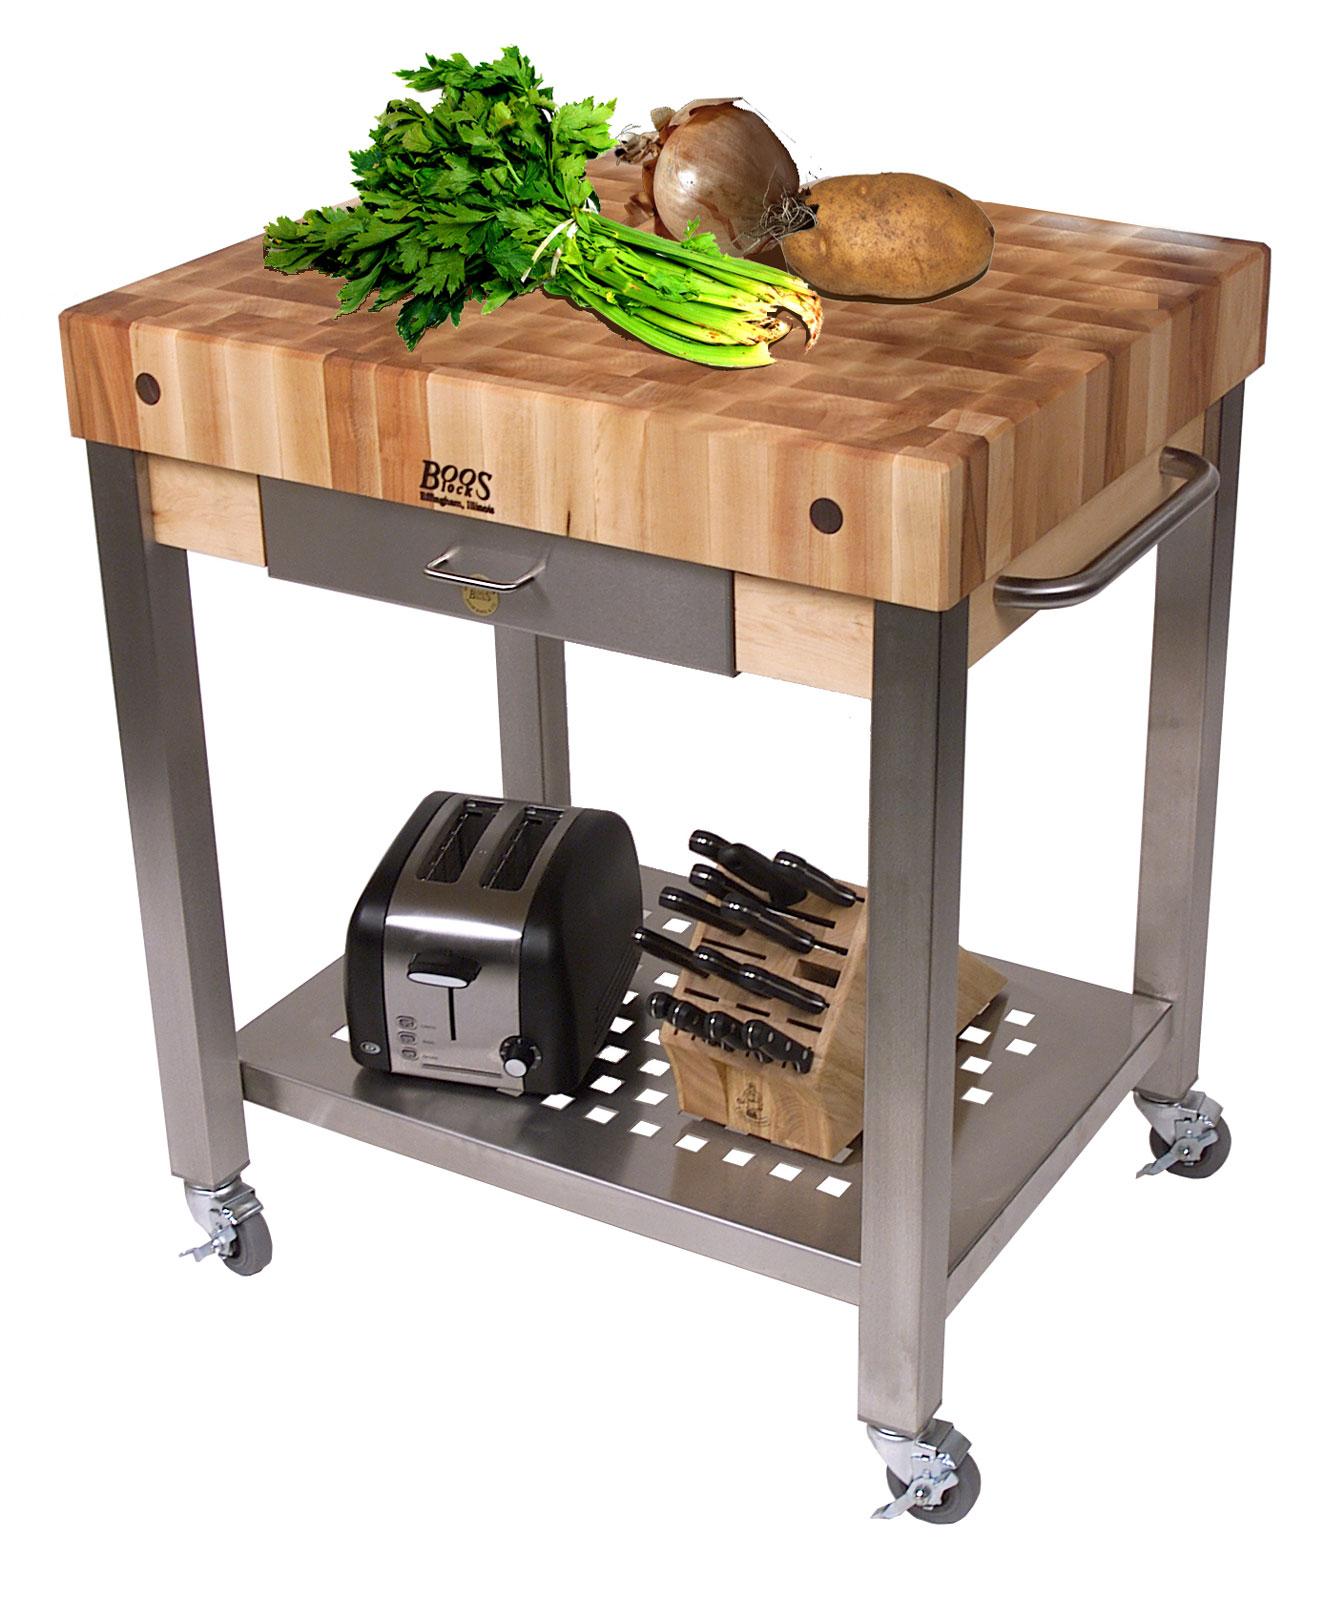 100 discount kitchen island bobs furniture kitchen island 100 diy backsplash kitchen - Cheap kitchen island cart ...